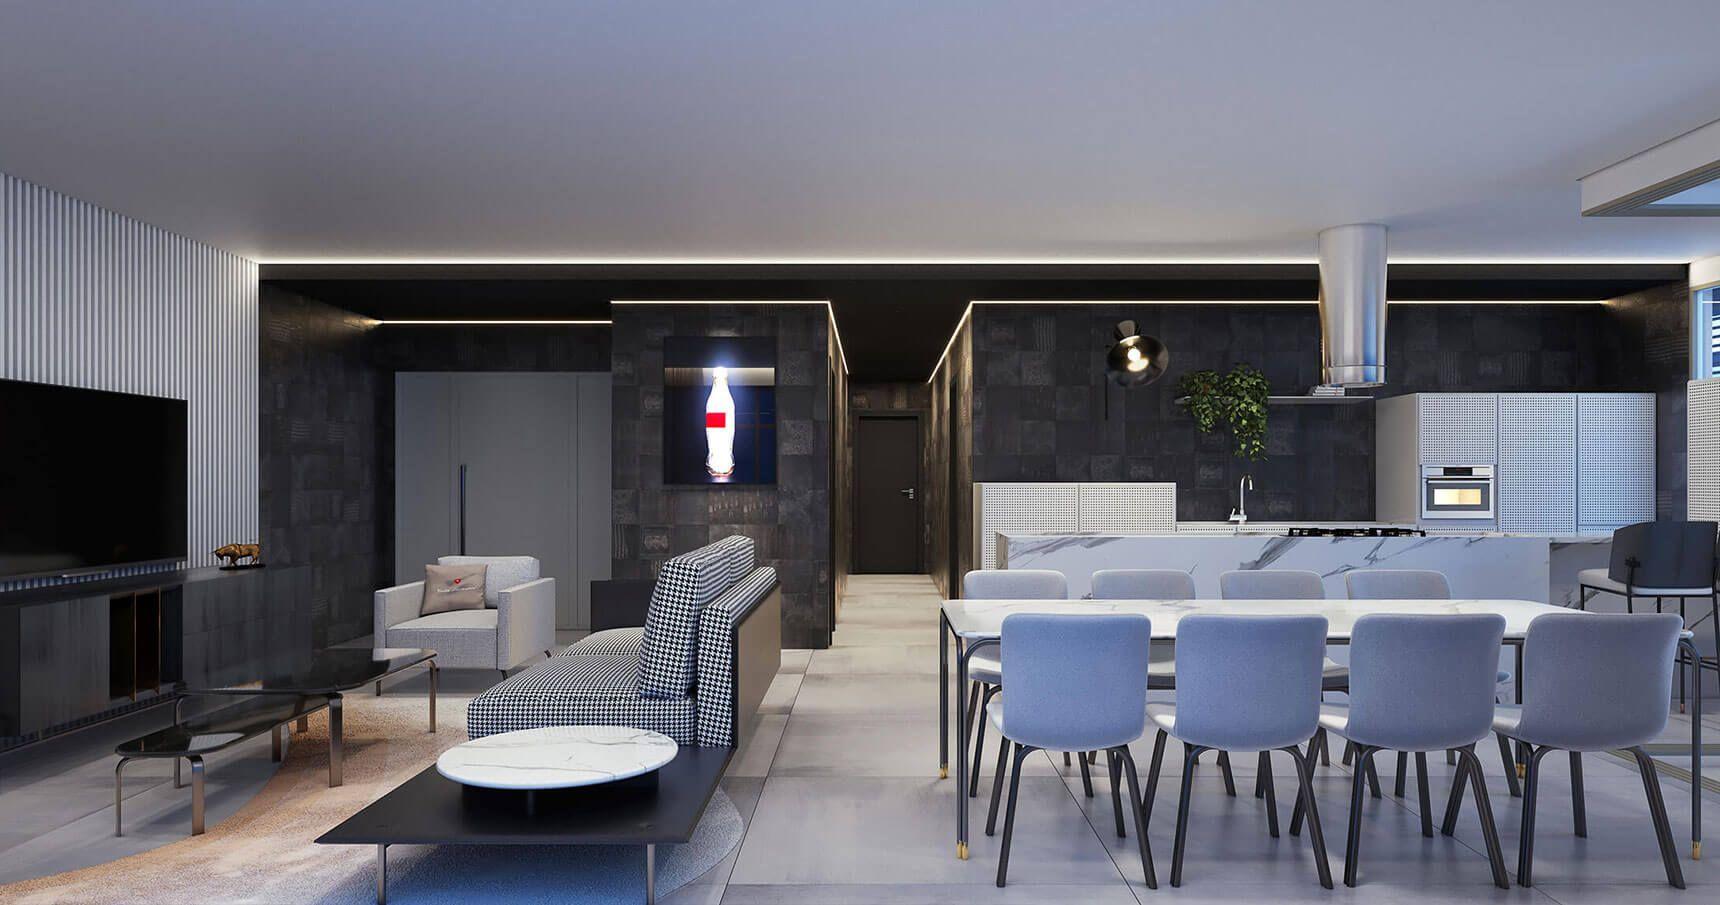 LIVING do apto de 194 m² integrando as salas de estar e jantar com a cozinha, com o espaço completamente conectado a área de receber é ampliada. O ambiente também possui belíssima vista da região.